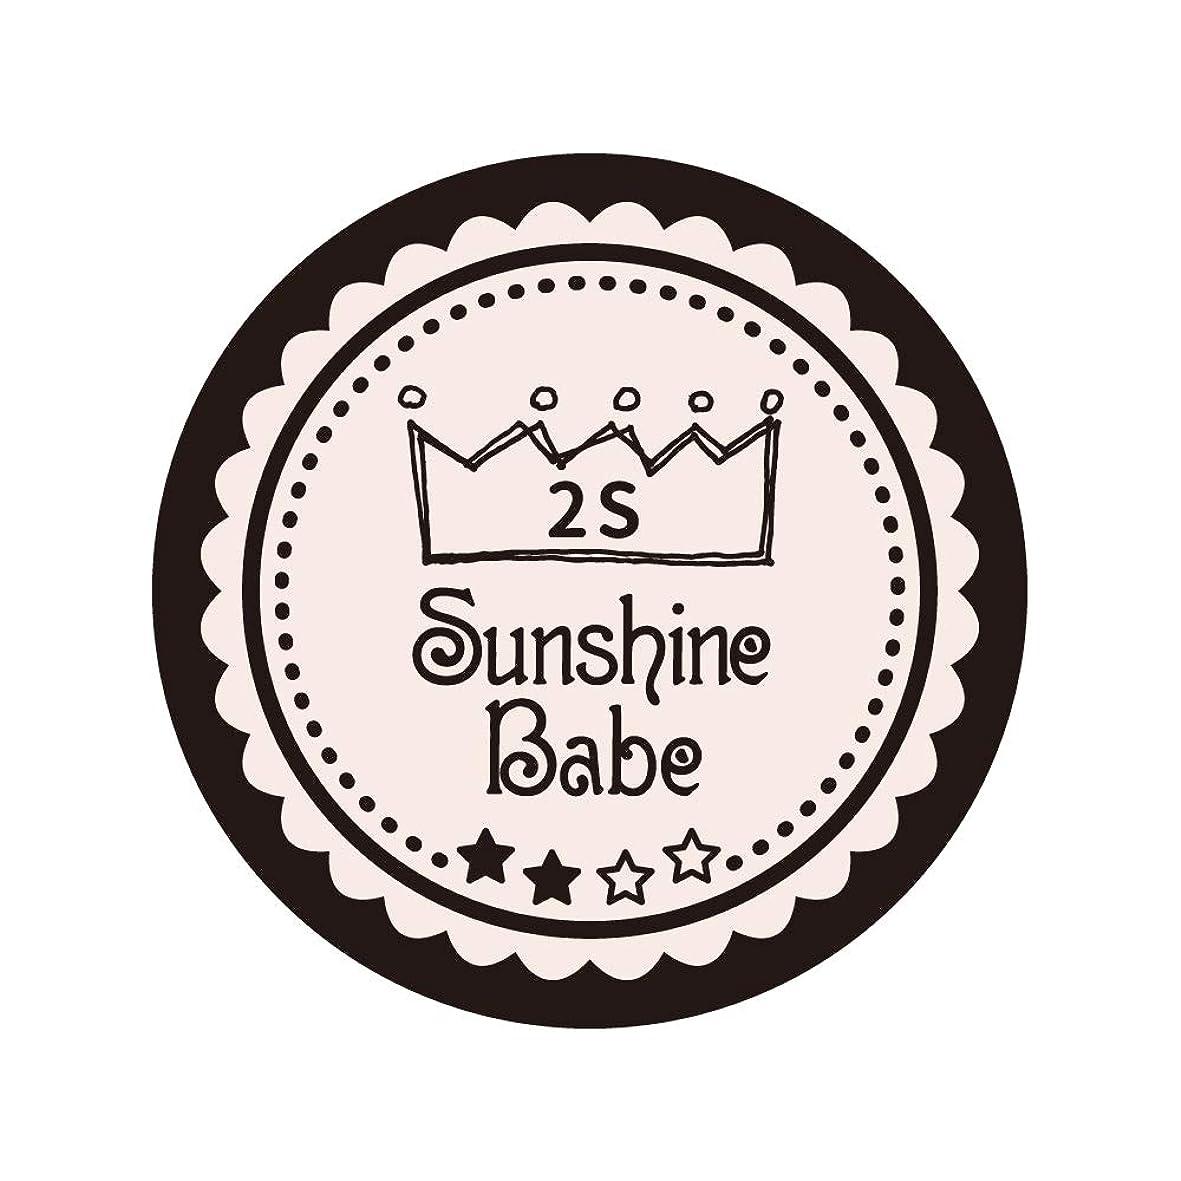 付与隣人させるSunshine Babe コスメティックカラー 2S オールモーストモーブ 4g UV/LED対応